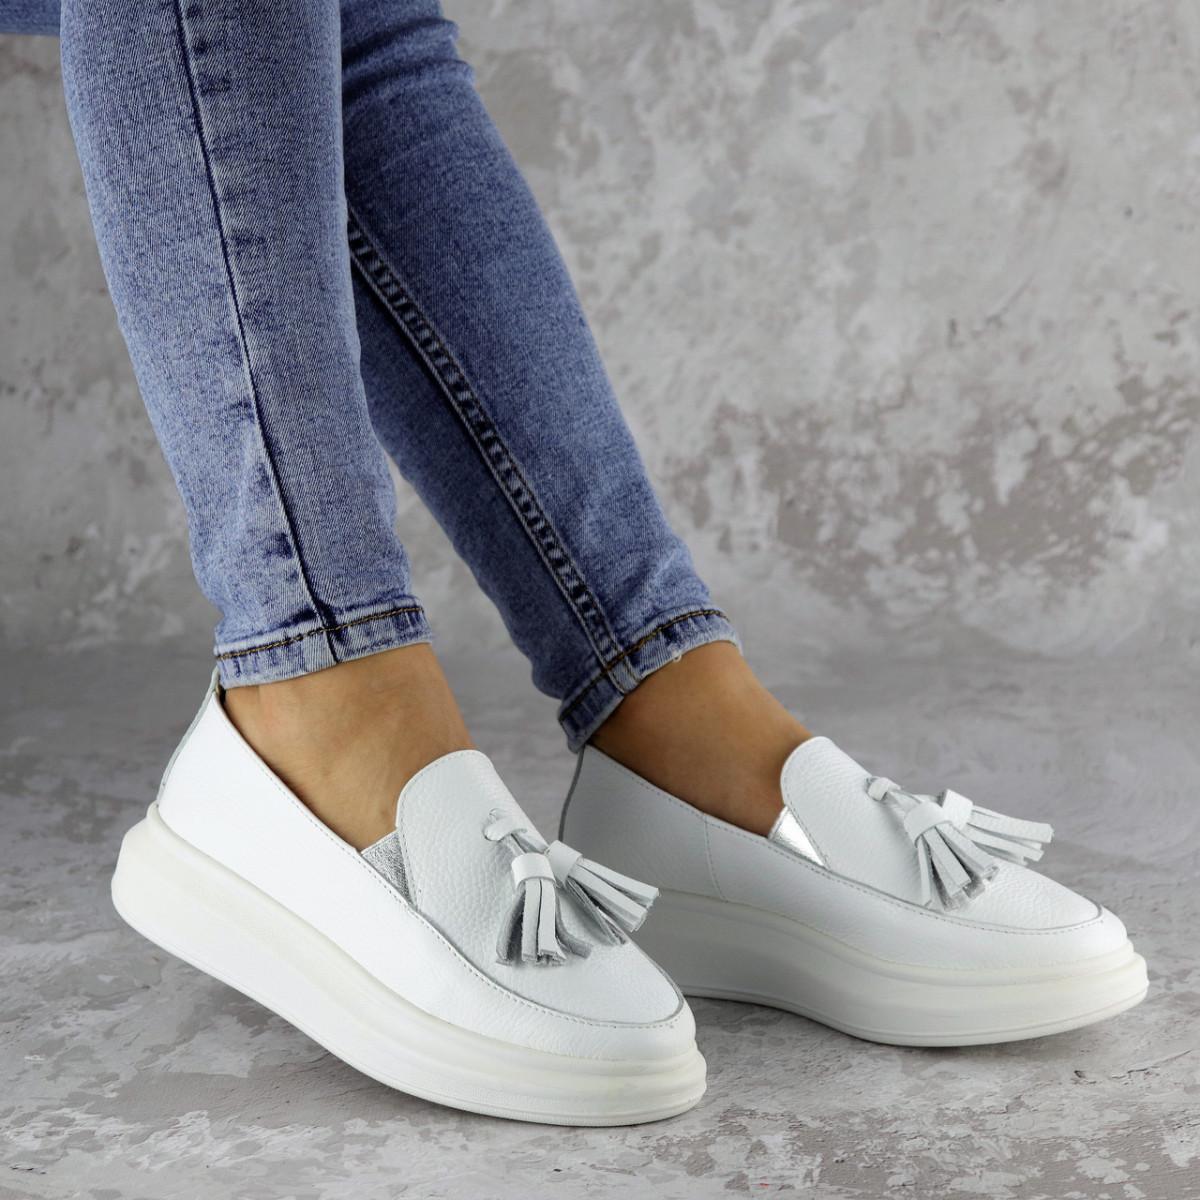 Мокасини жіночі Fashion Pansy 2147 36 розмір, 23,5 см Білий 40